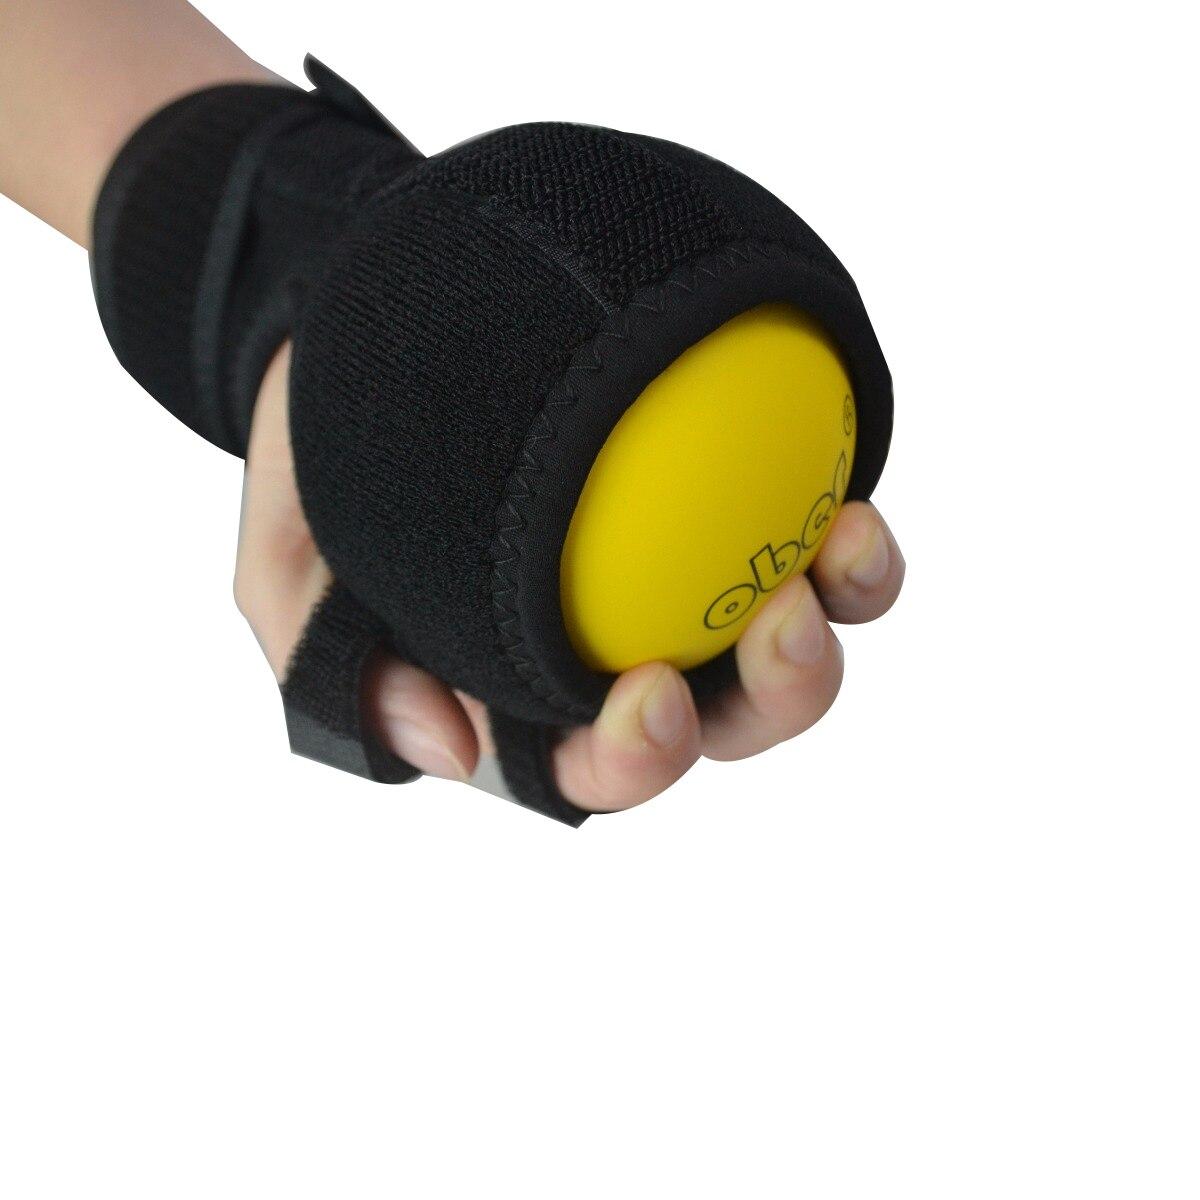 Heath Protect doigt forme main doigt correcteur poignet Support orthèse Anti-spasticité balle attelle doigt orthèse main balle